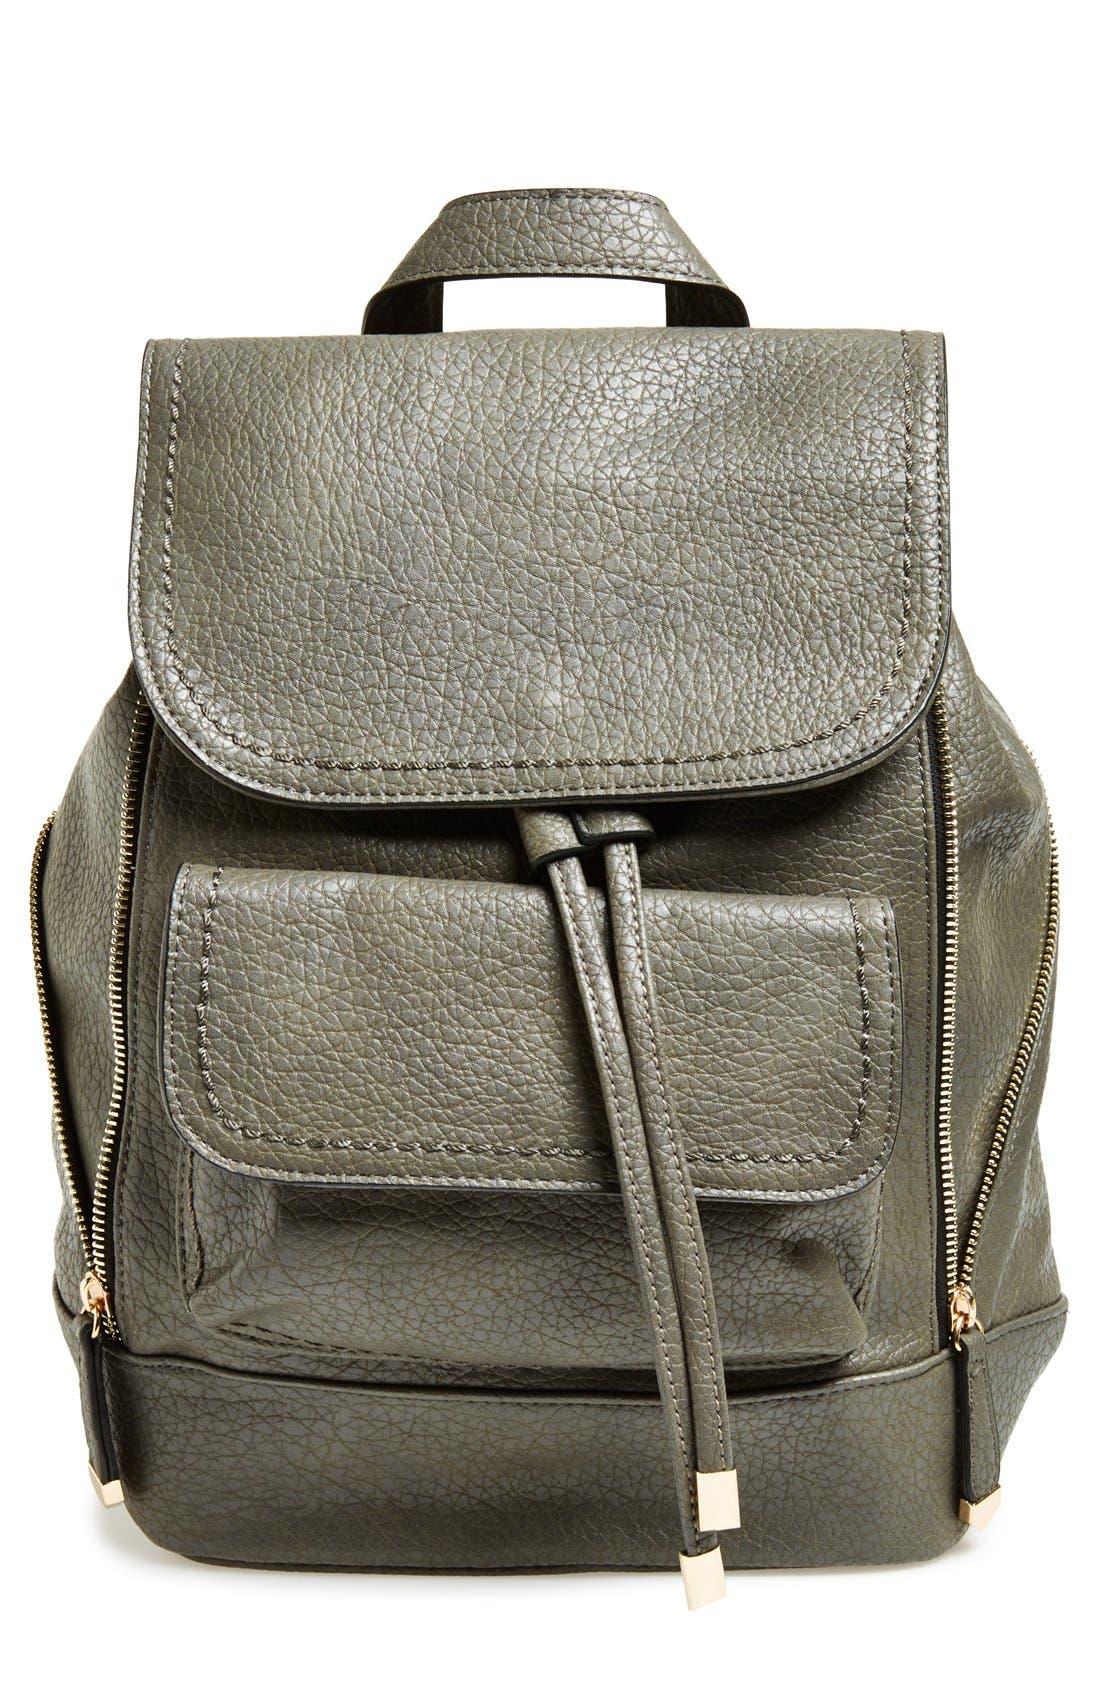 Alternate Image 1 Selected - kensie 'Off Duty' Backpack